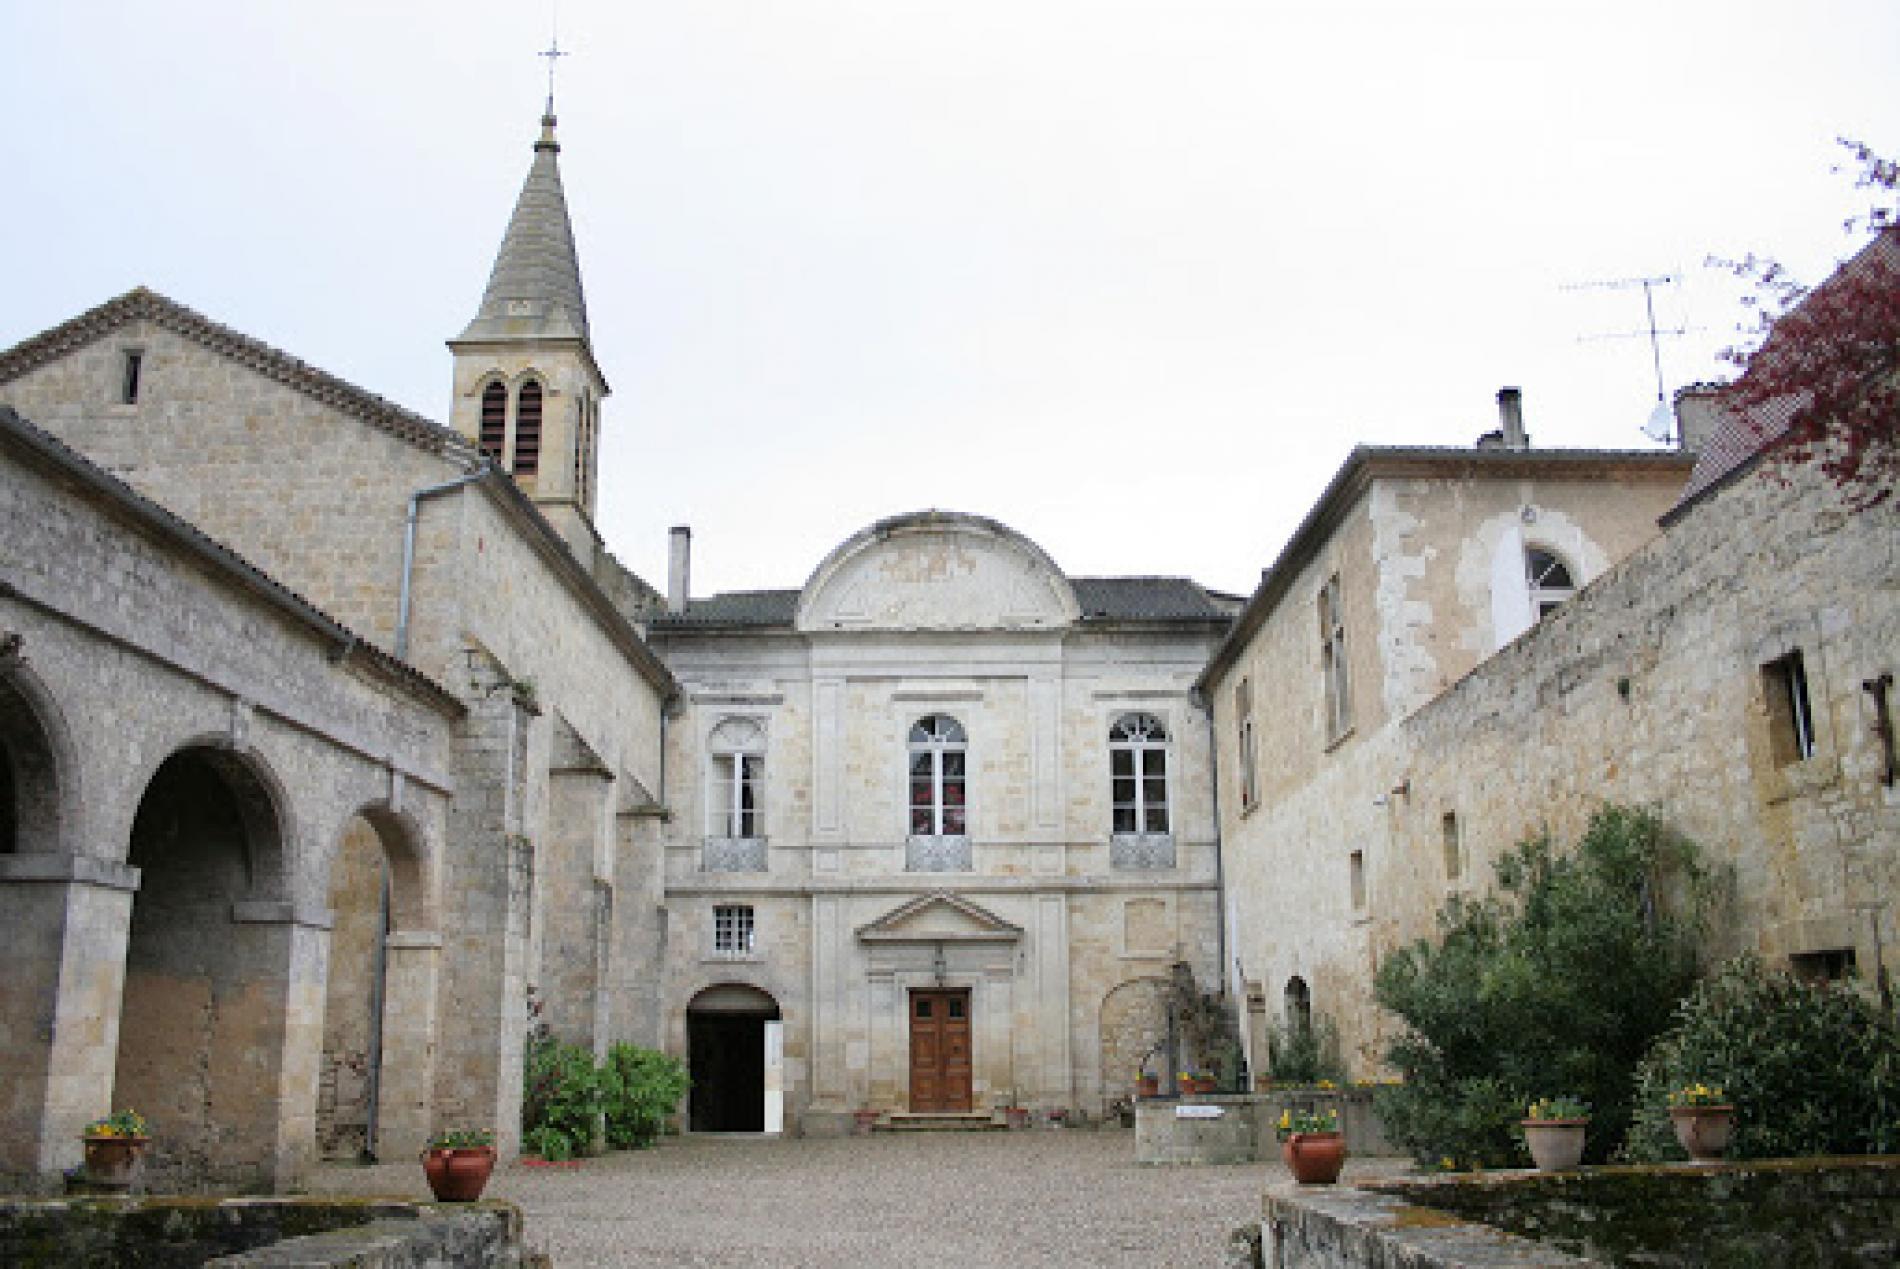 Le Chateau de Cassaigne